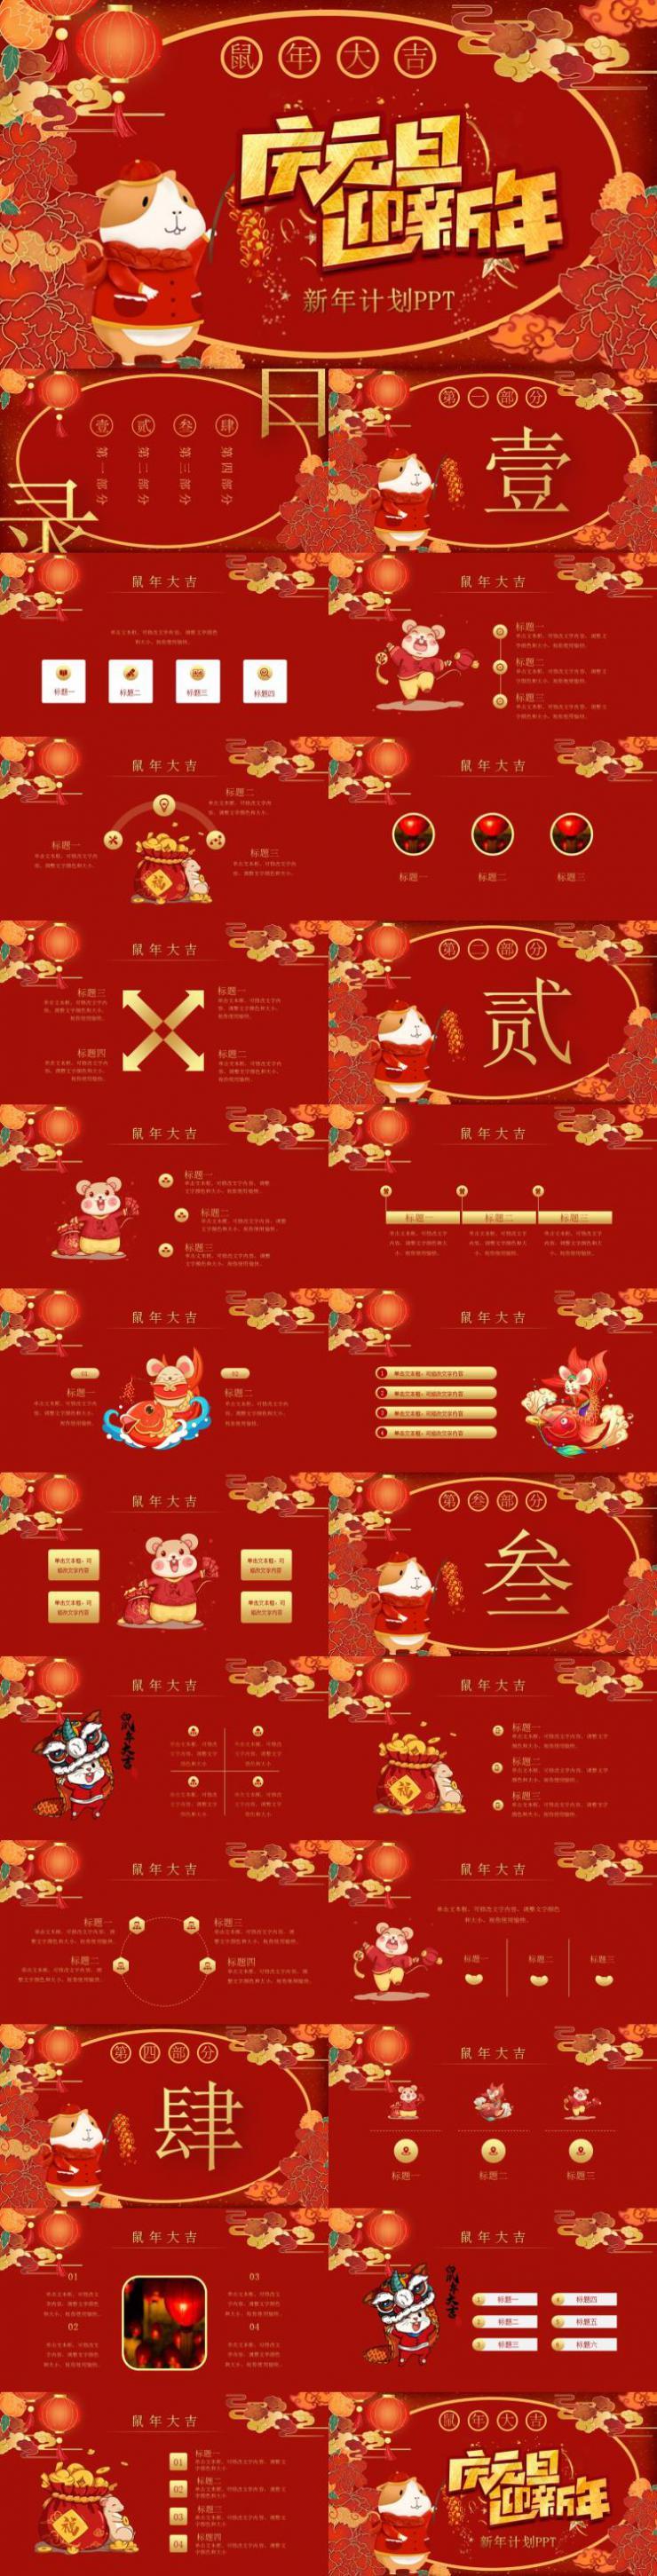 喜庆红色鼠年庆元旦迎新年PPT模板